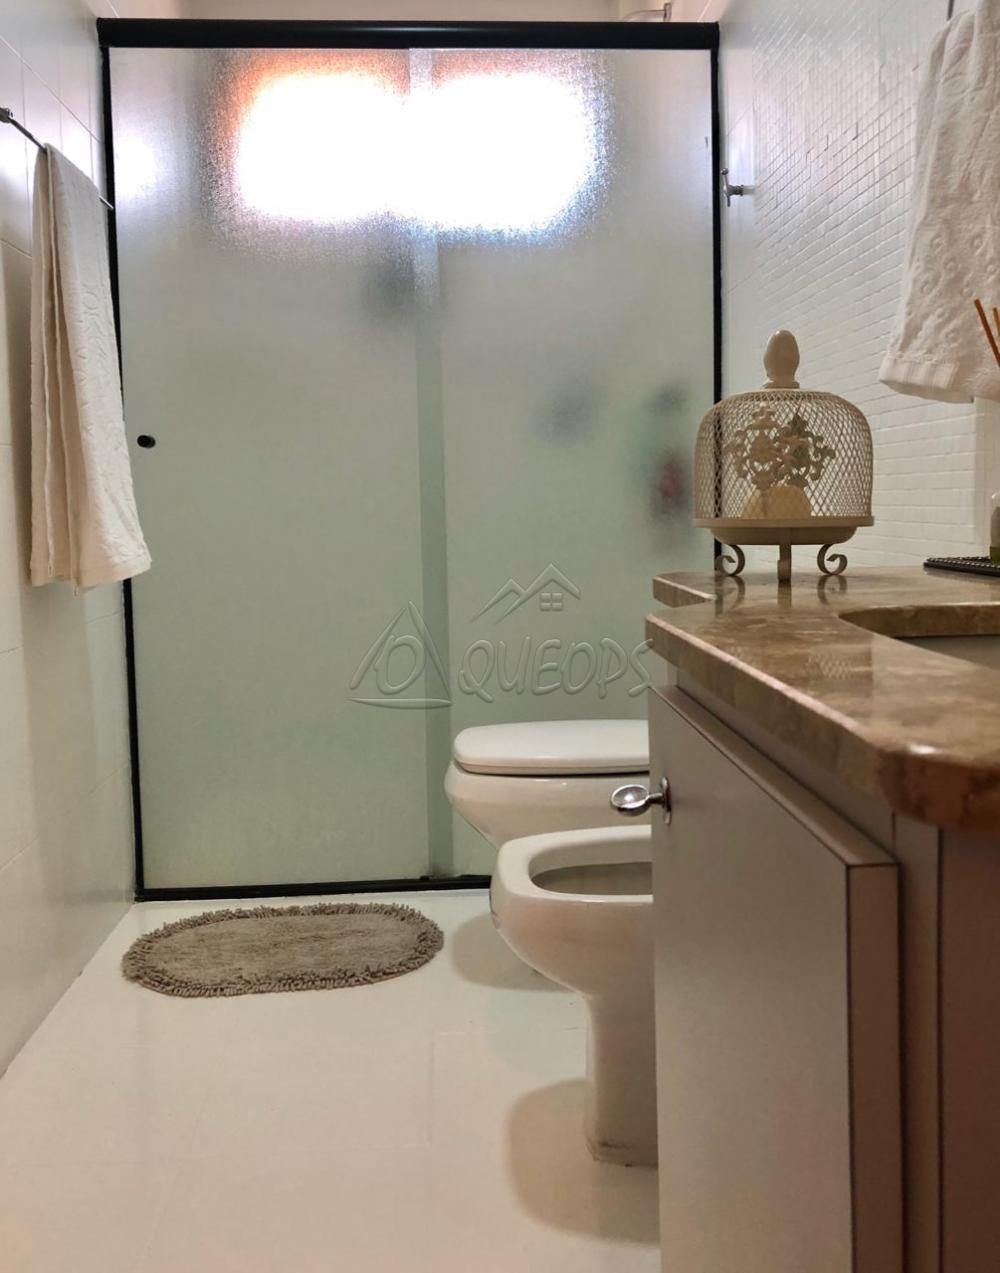 Comprar Apartamento / Padrão em Barretos apenas R$ 520.000,00 - Foto 10